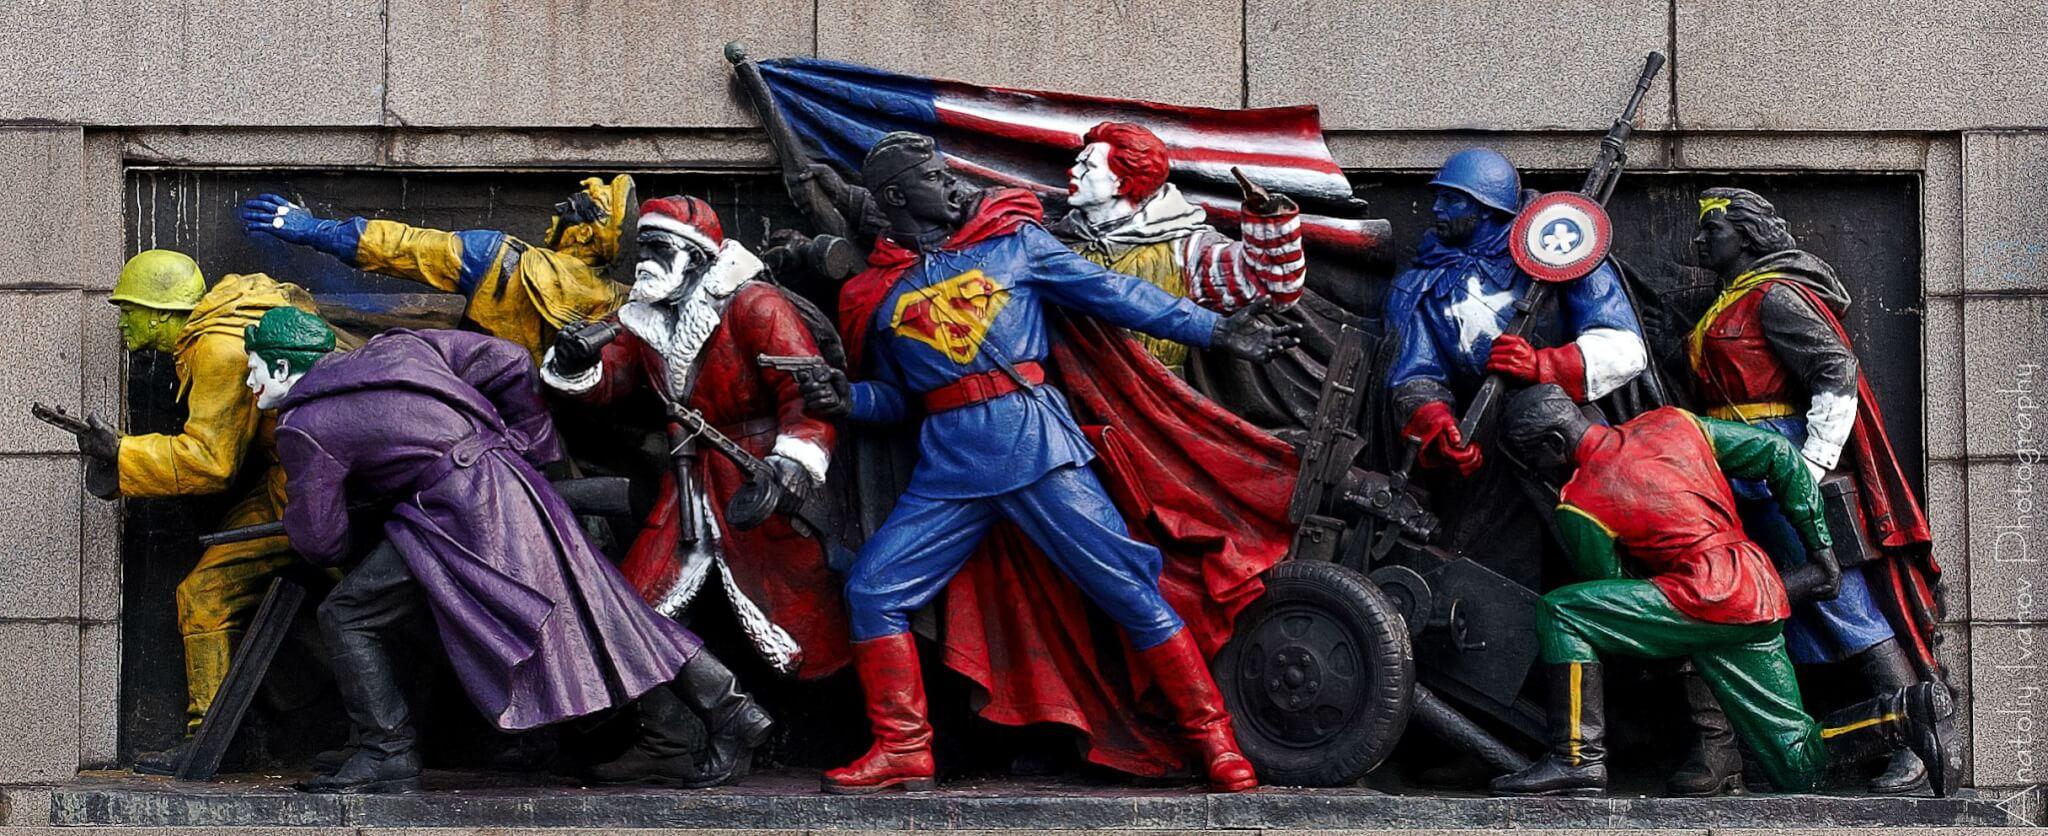 Monumento soviético vandalizado de Rusia